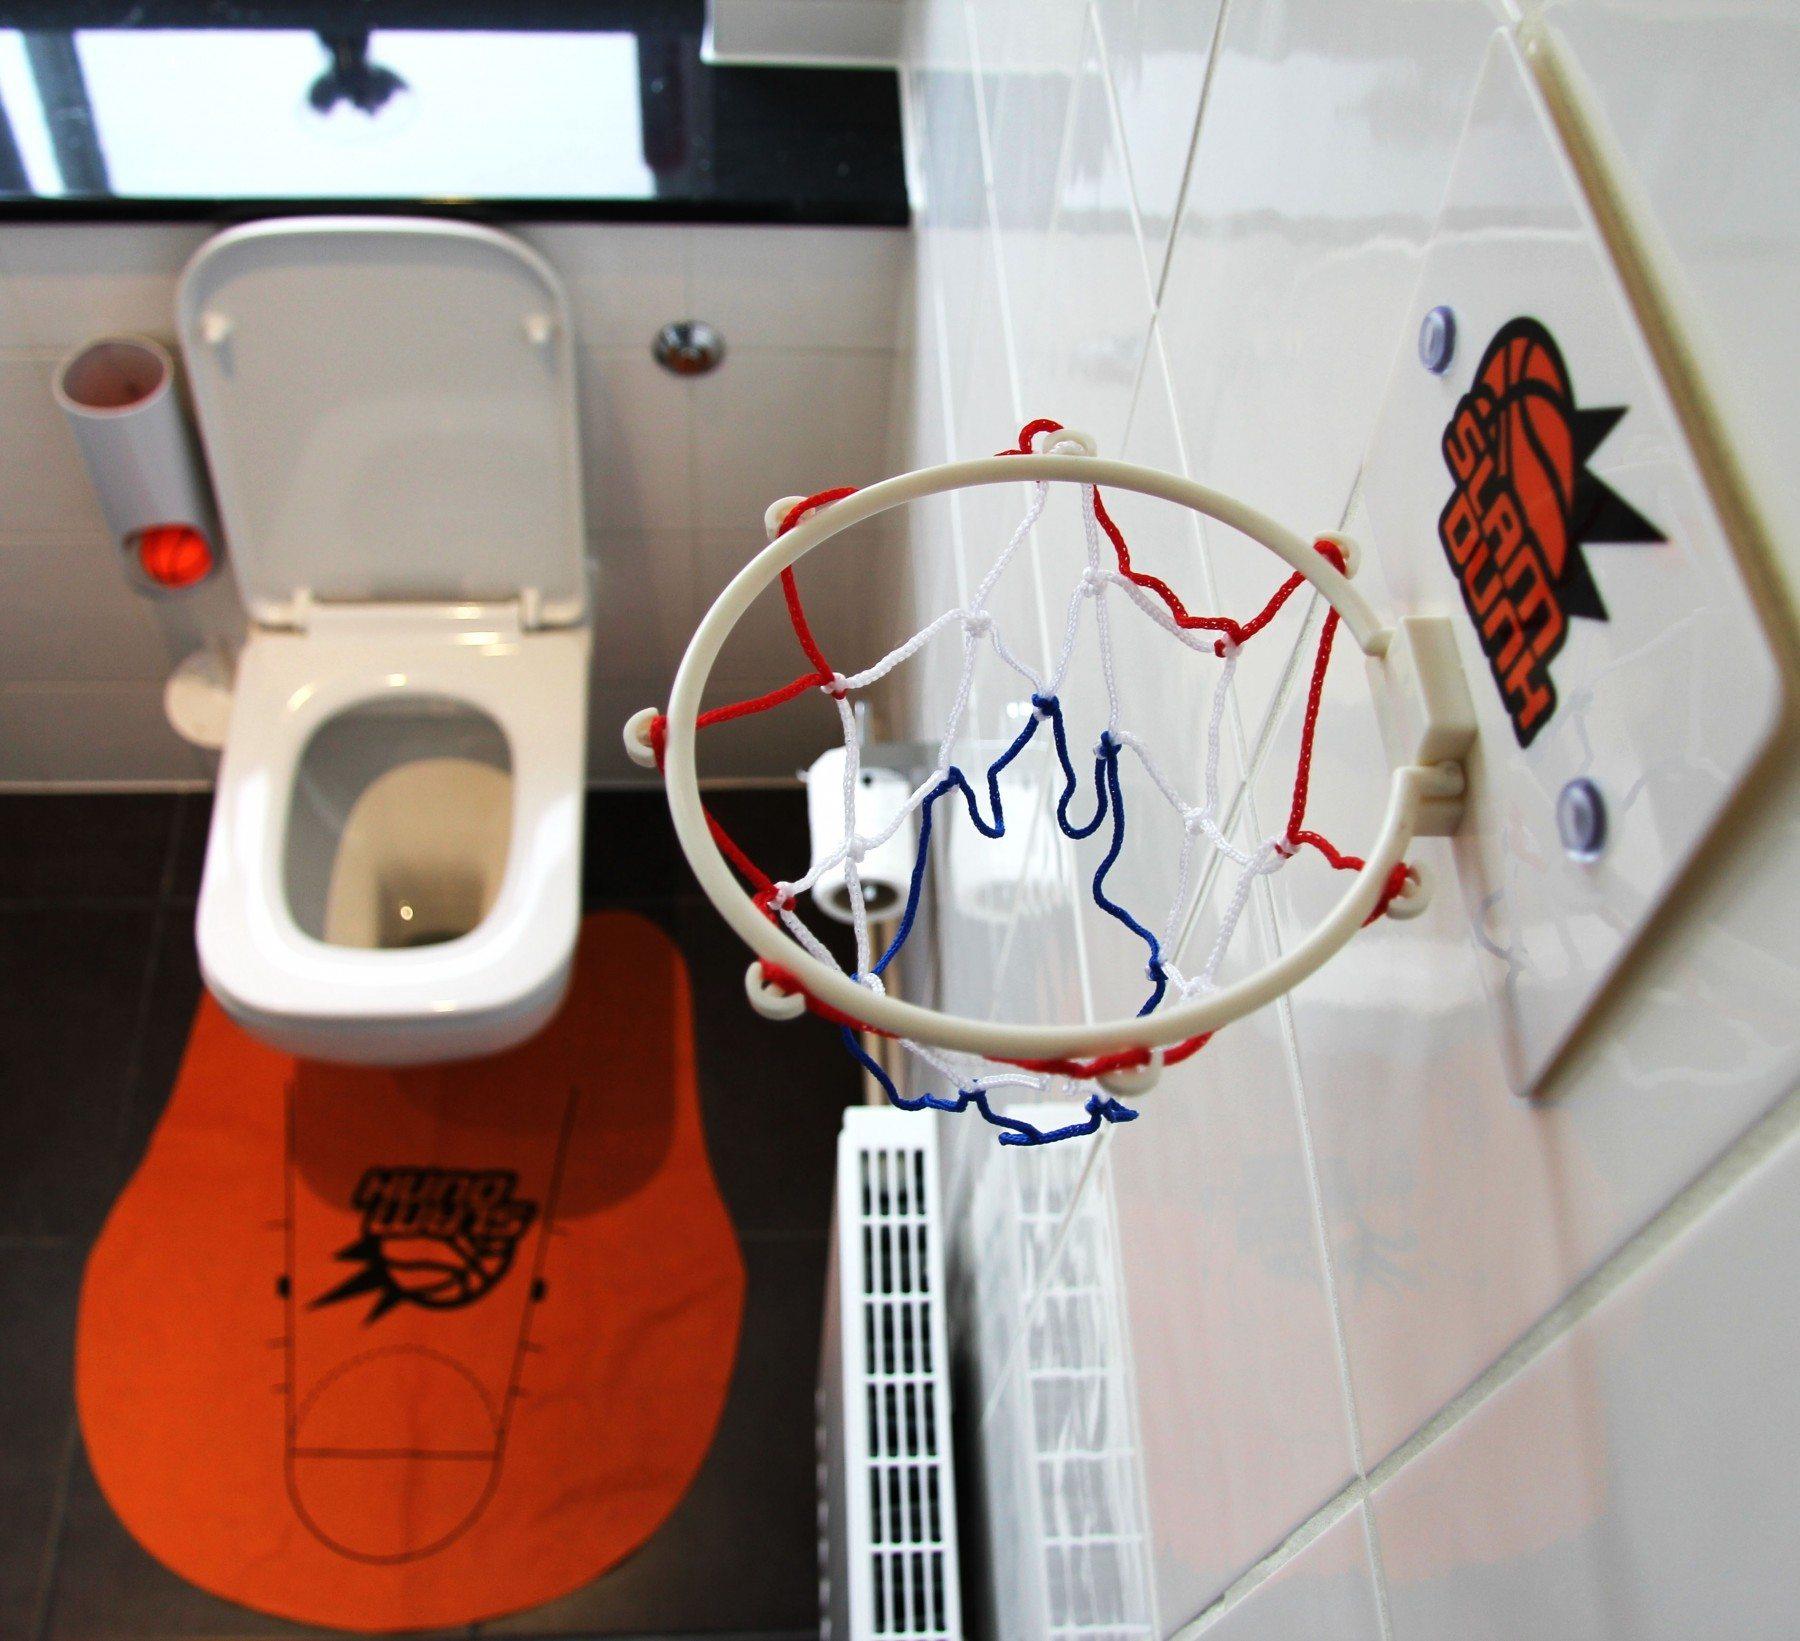 Toilet-basket